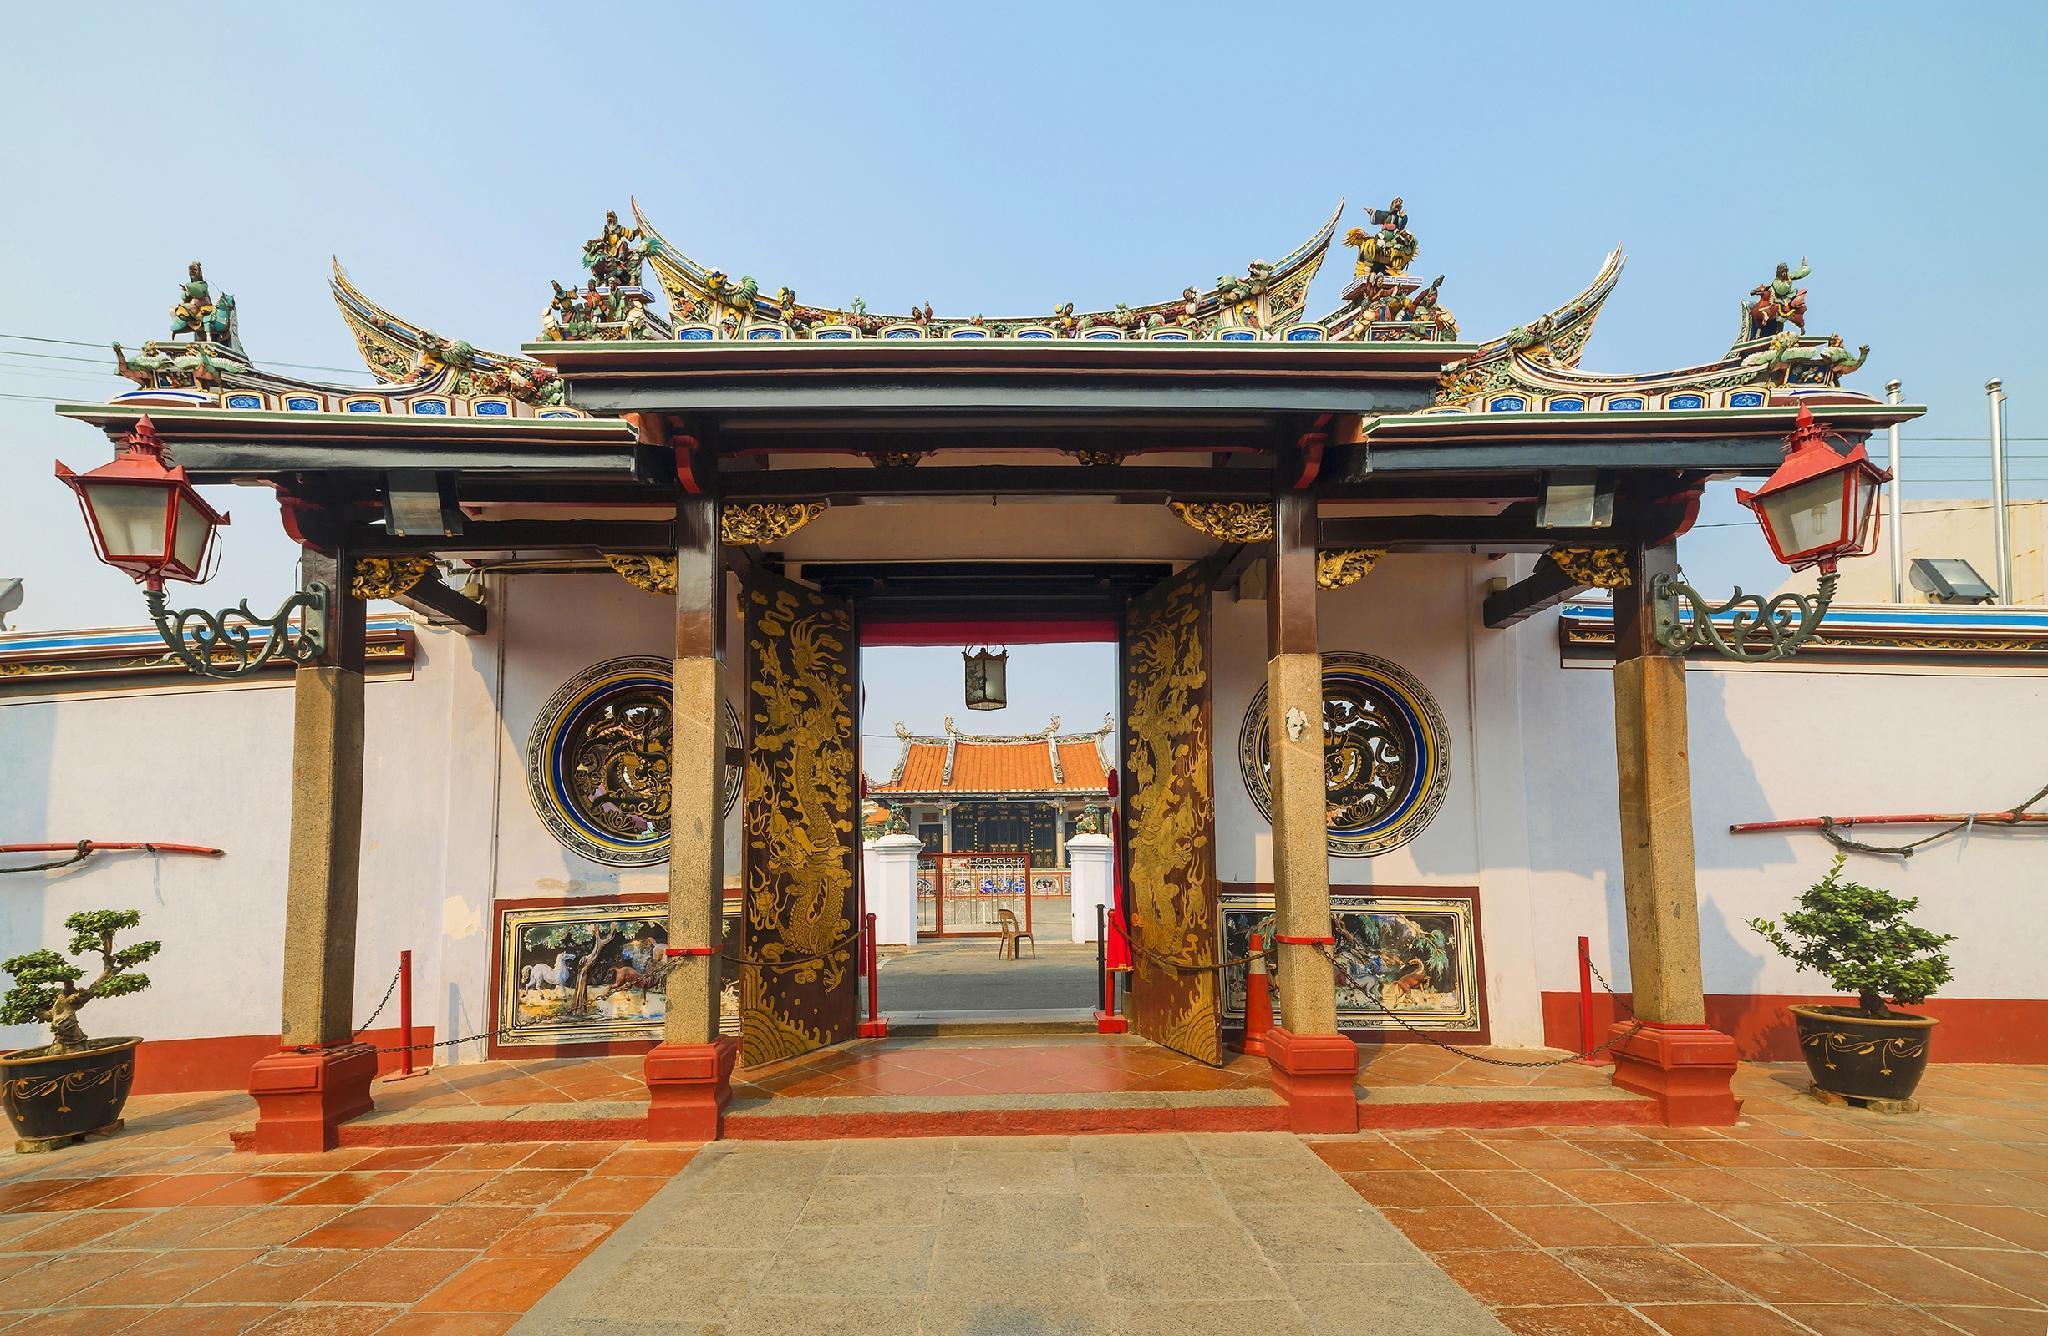 Pahlawan Guesthouse, Kota Melaka